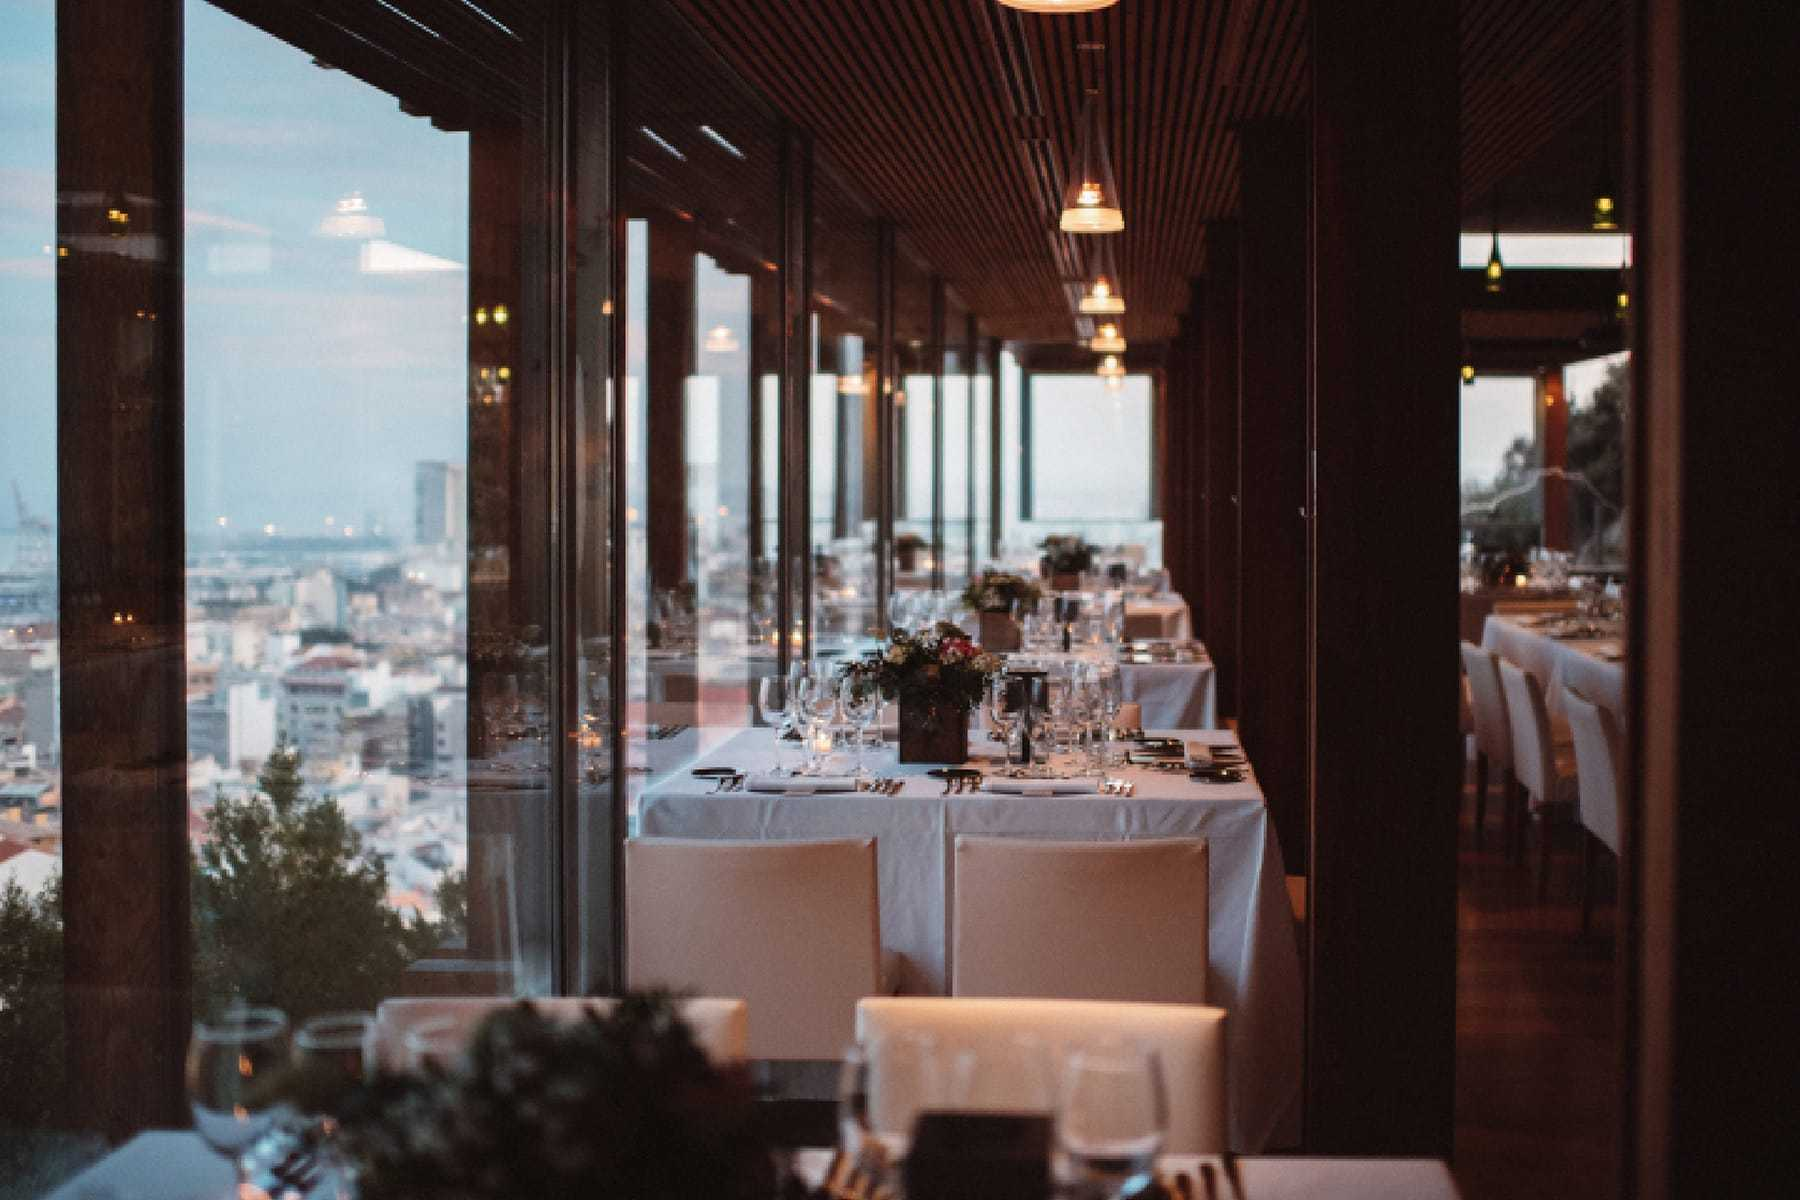 restaurante_la_ereta_hilario_sanchez_fotografo_boda_alicante_104